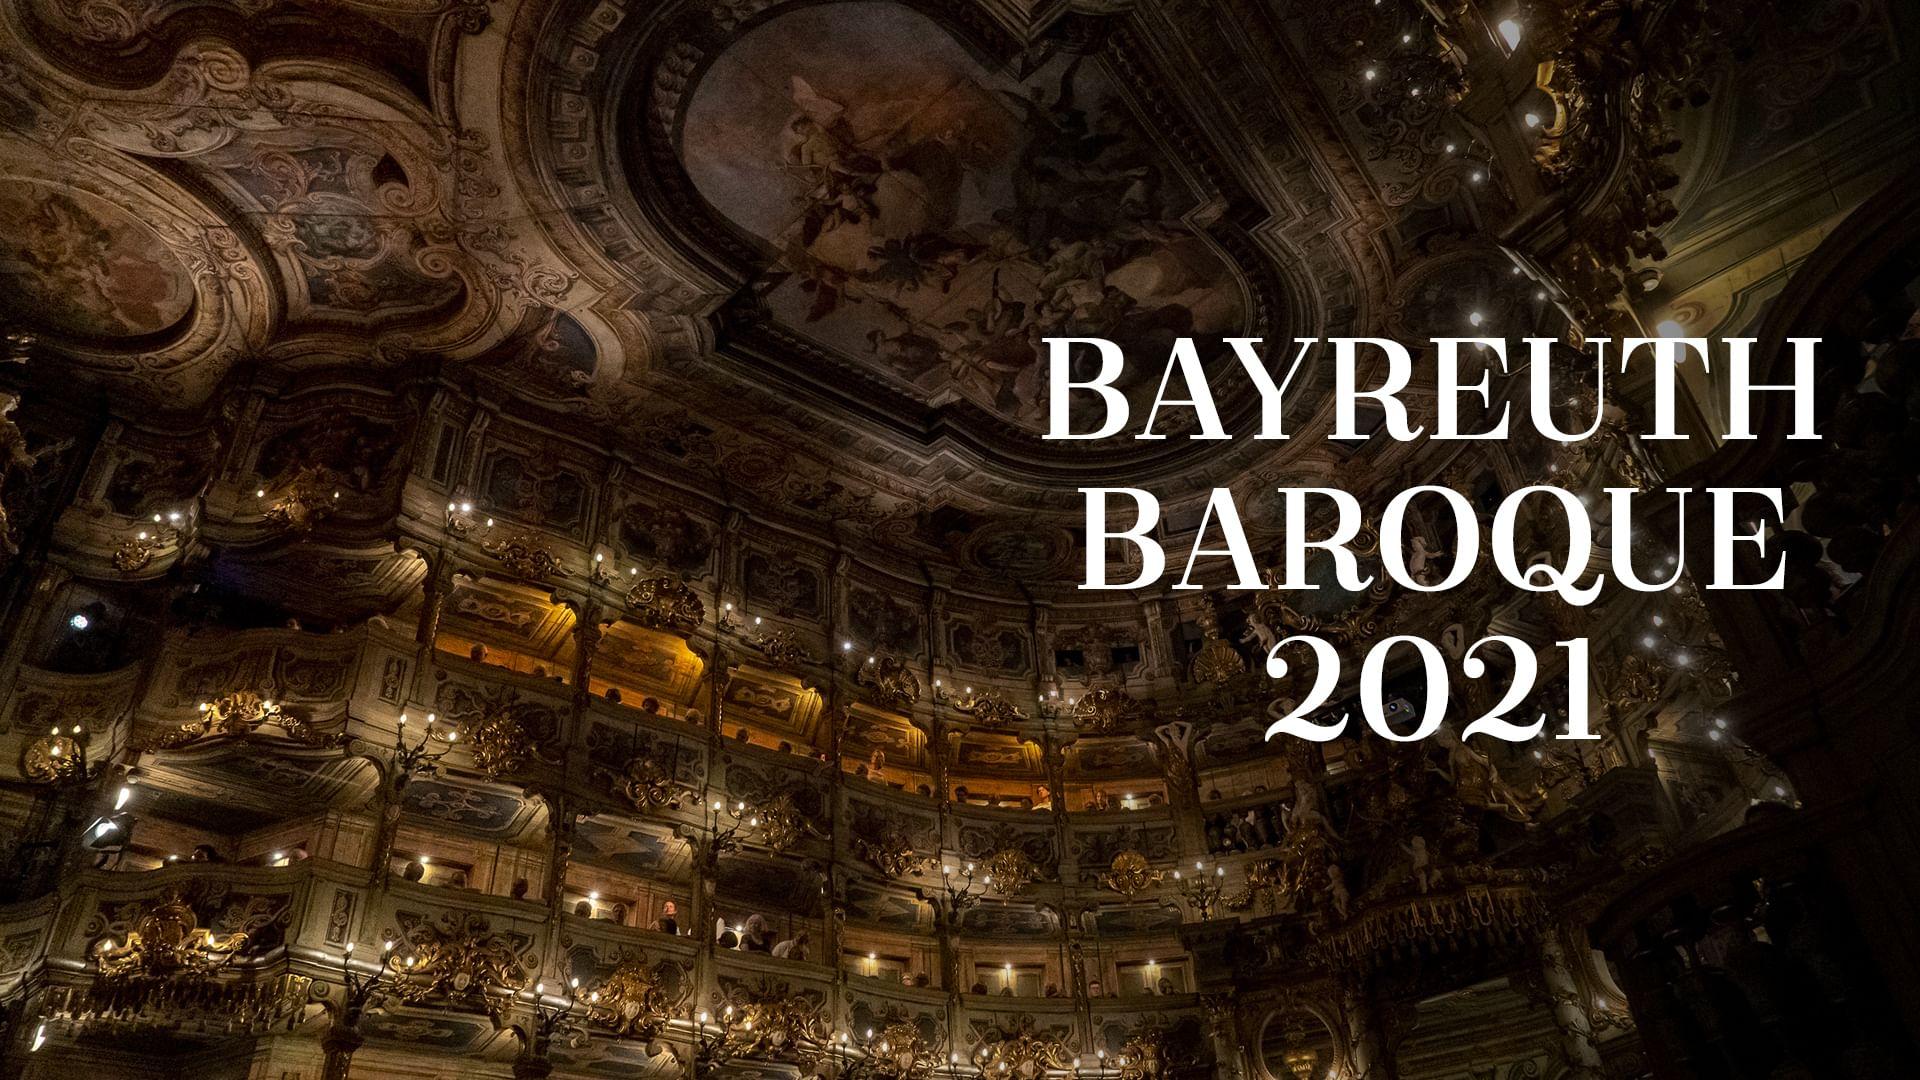 Bayreuth Baroque 2021